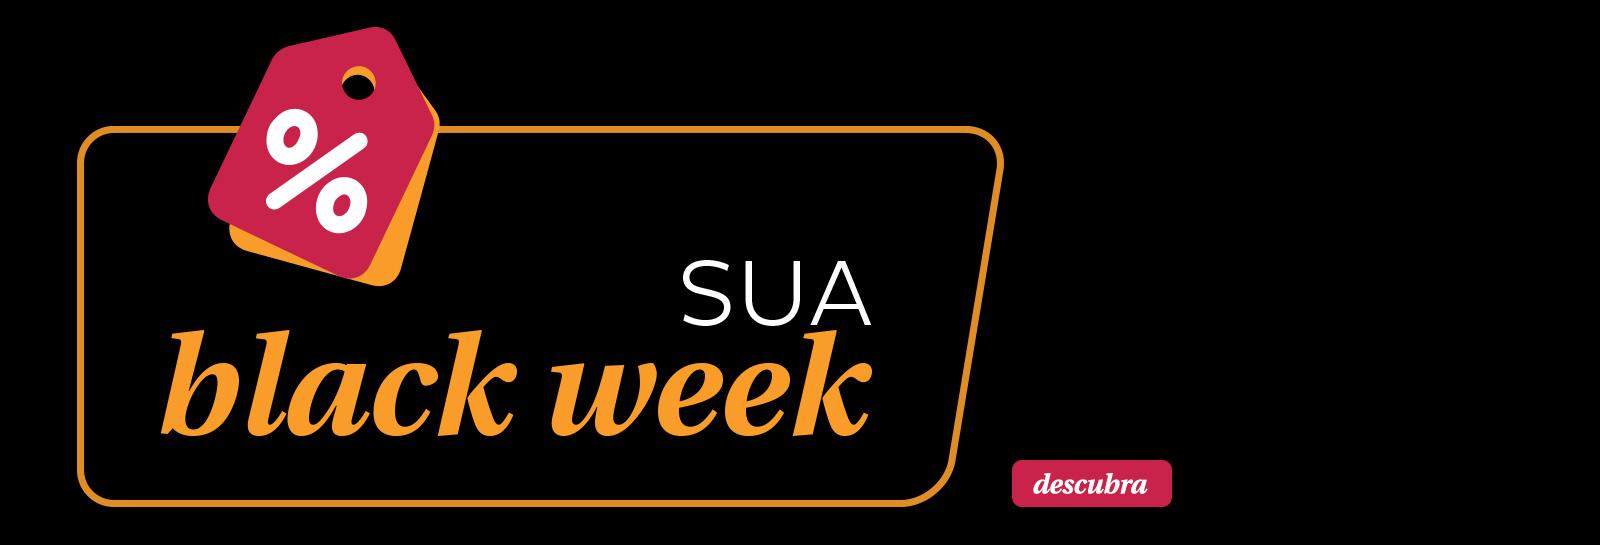 teaser_black_week